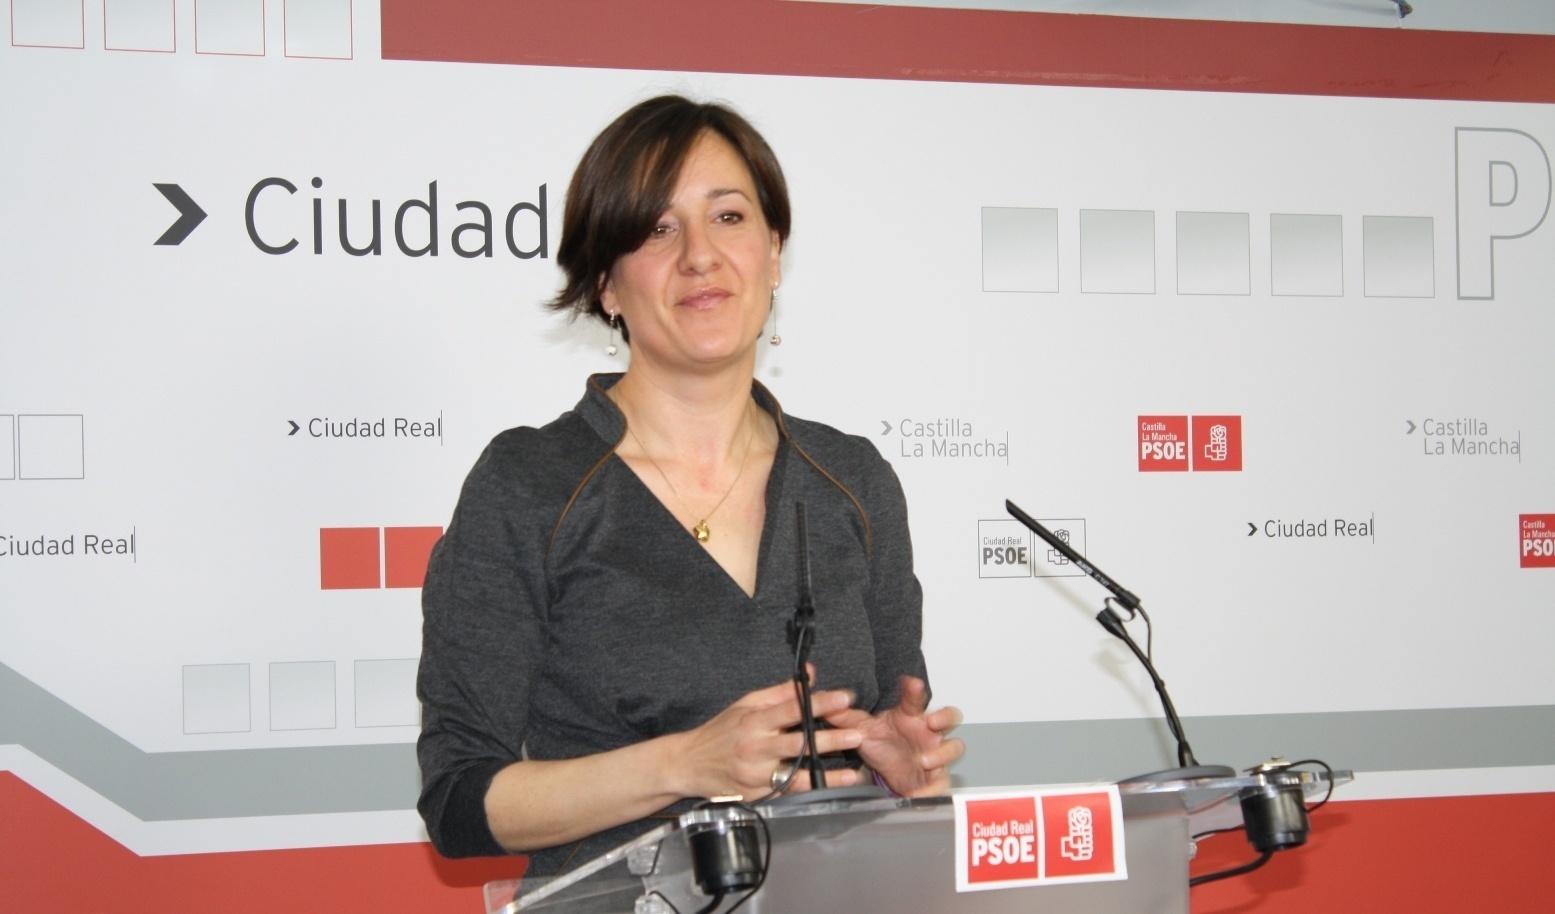 El PSOE de Ciudad Real afronta este sábado su congreso del que saldrá elegido Caballero como secretario provincial